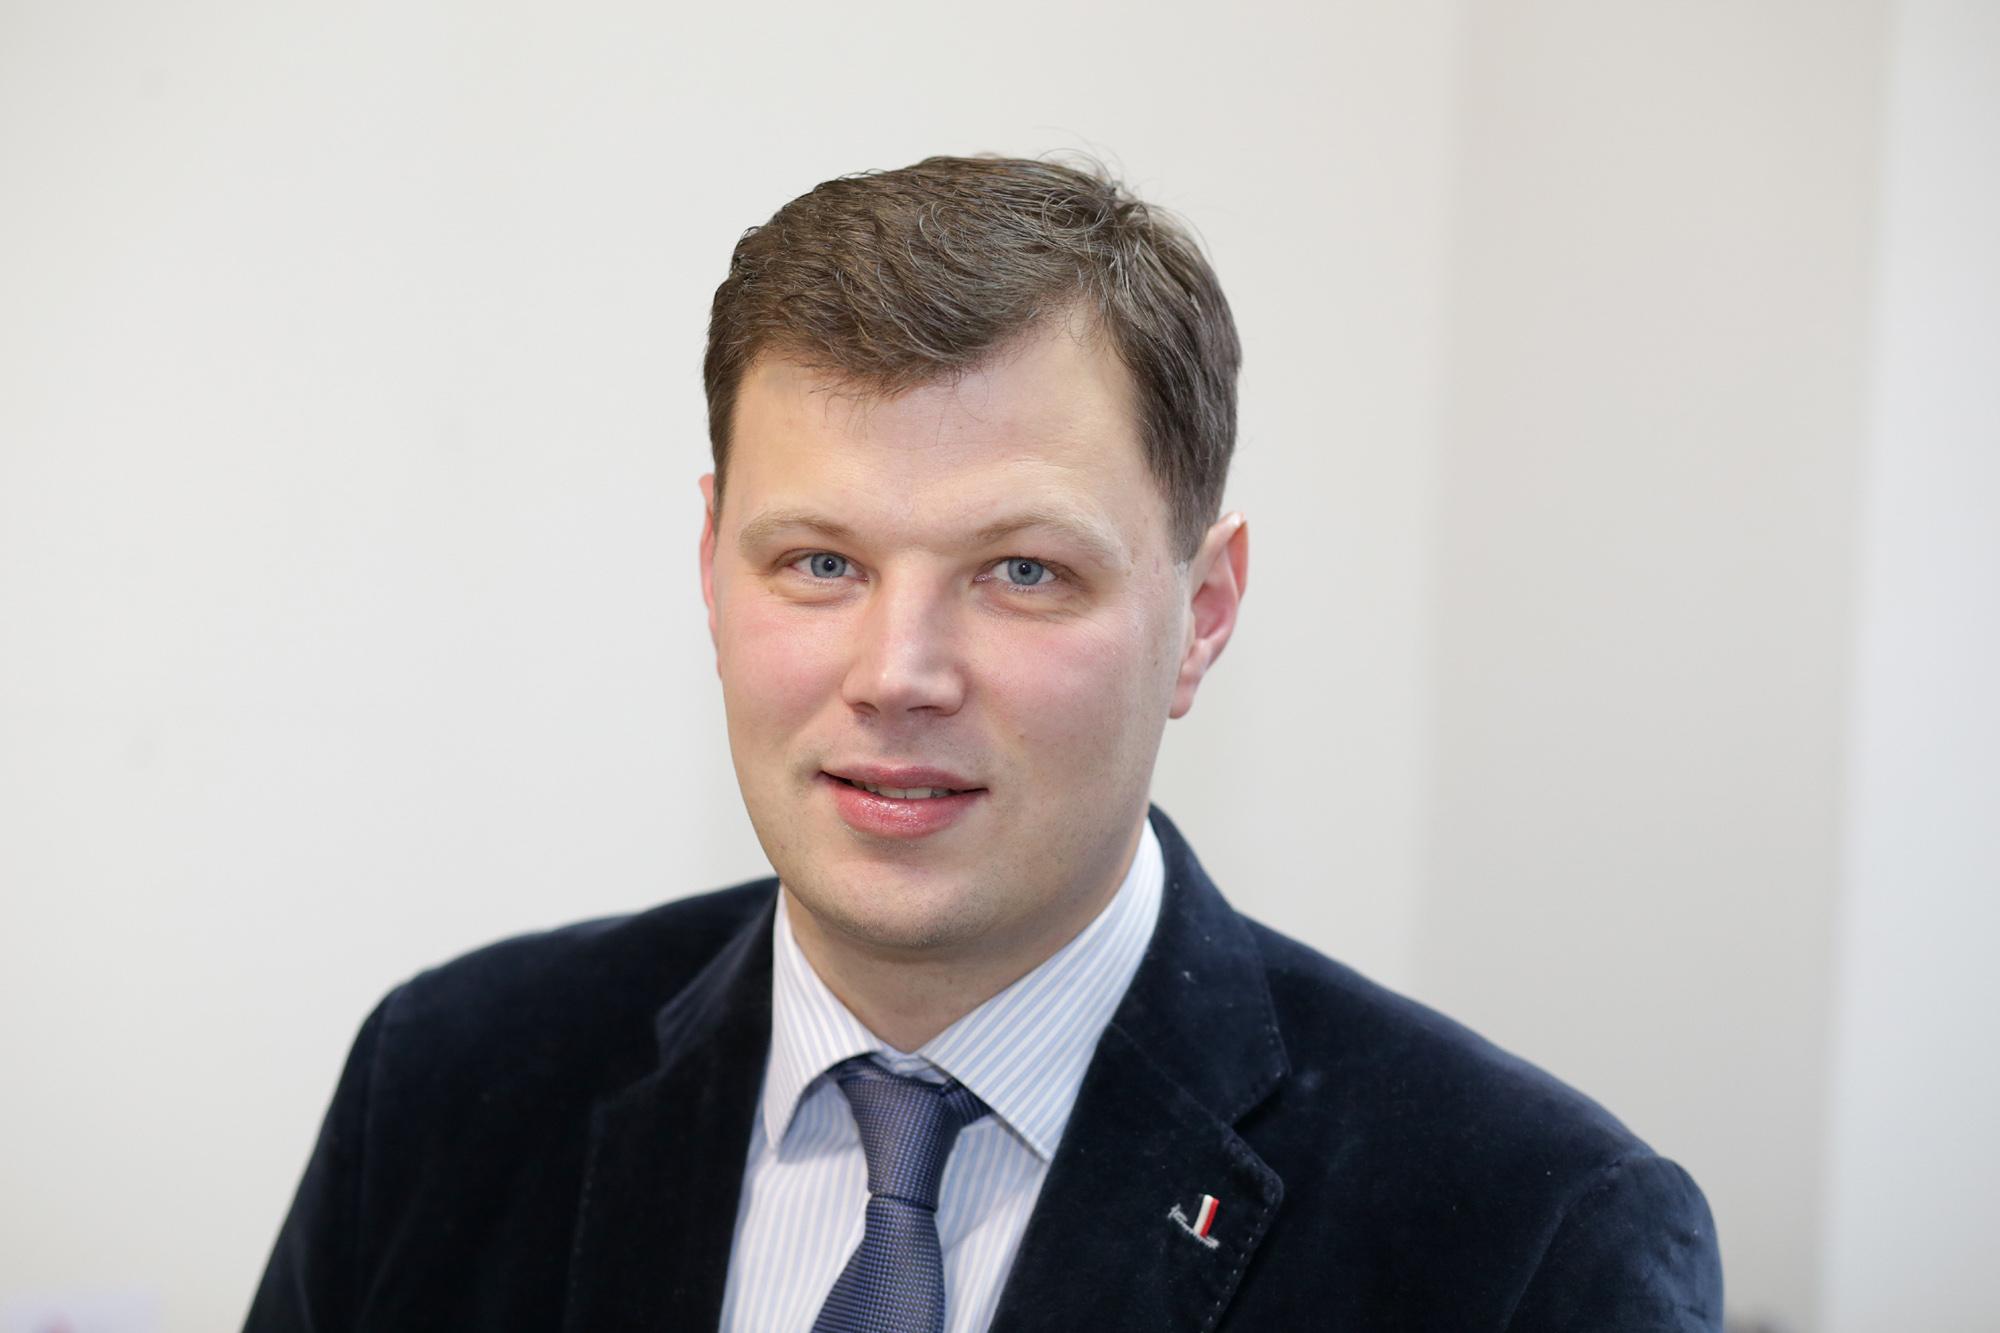 """Paulius Aukštikalnis/ Algimanto Barzdžiaus/ """"Rinkos aikštės """" archyvo nuotr."""